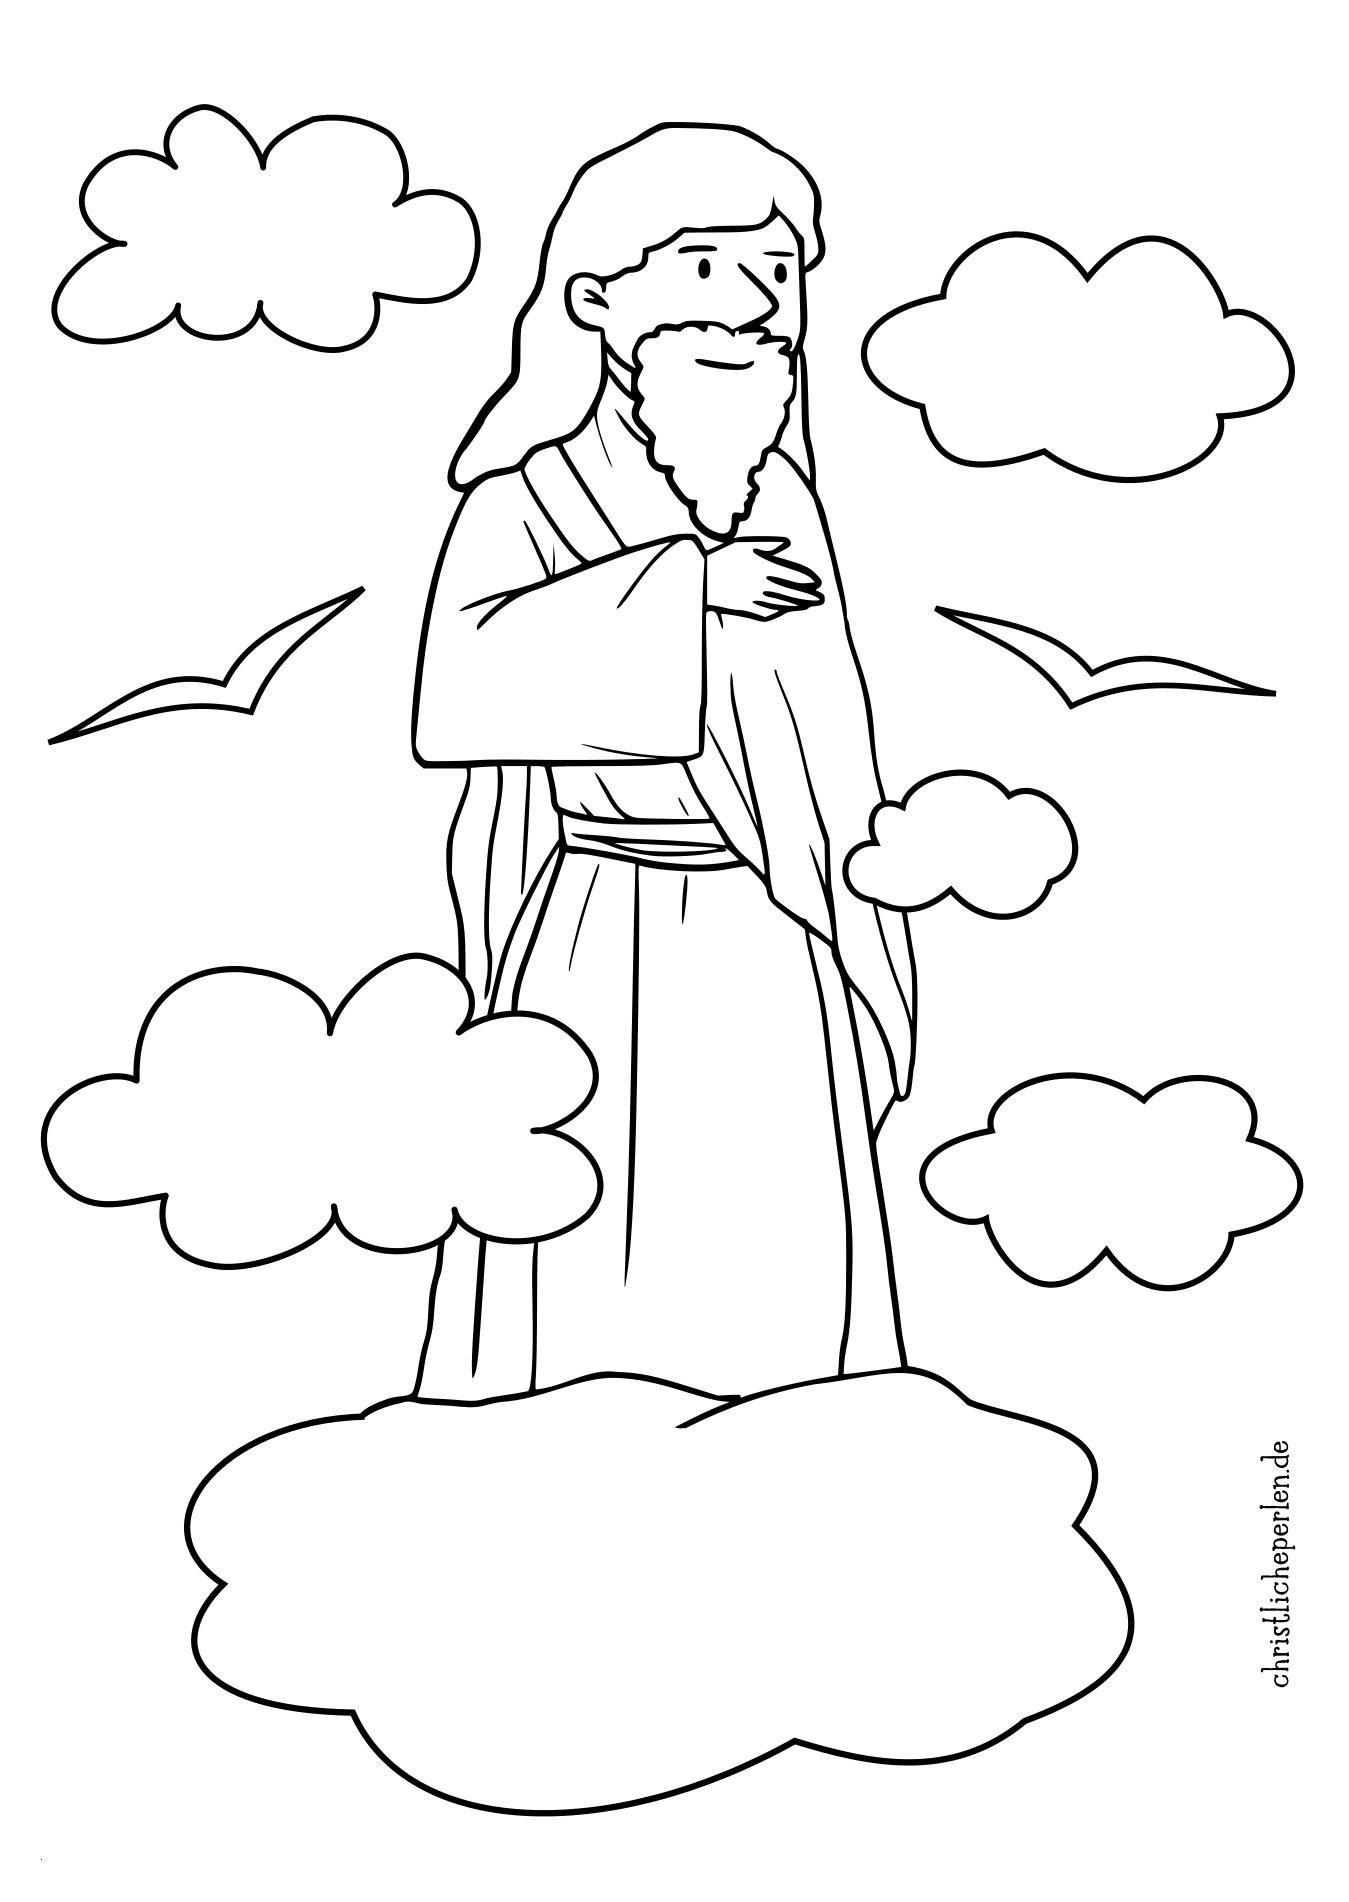 Jakob Und Esau Ausmalbilder Einzigartig Ausmalbilder Zu Himmelfahrt Luxus Jakob Und Esau Ausmalbilder Frisch Sammlung